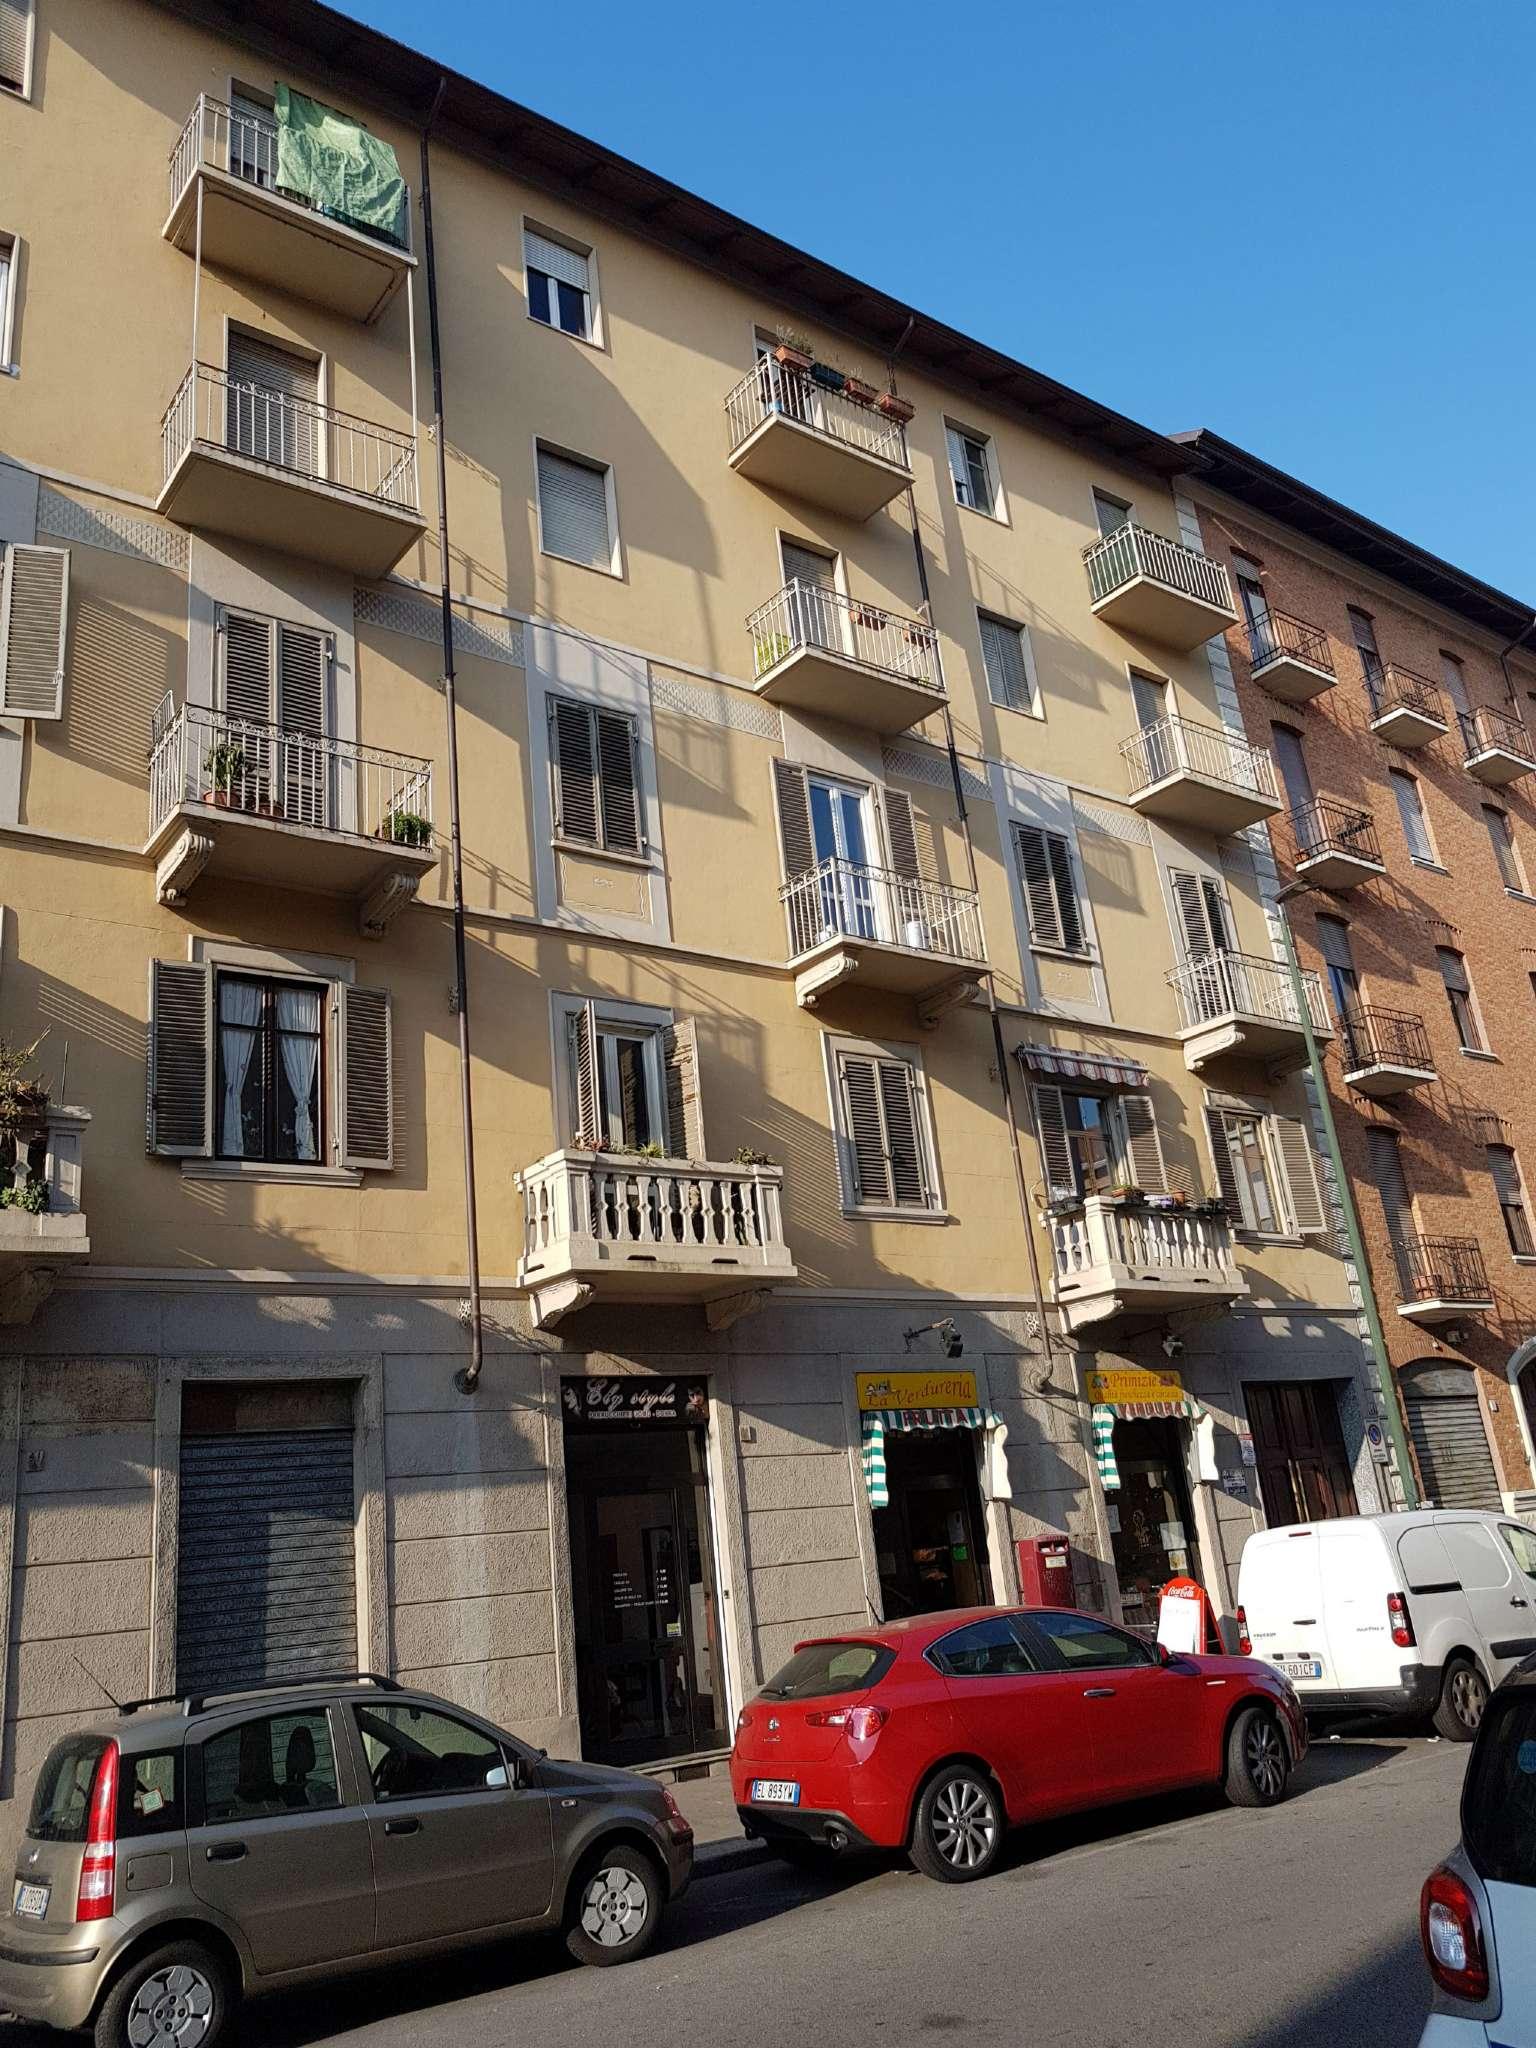 Vendita - Negozio - Torino - INVESTIMENTO DA REDDITO - NETTO 5%